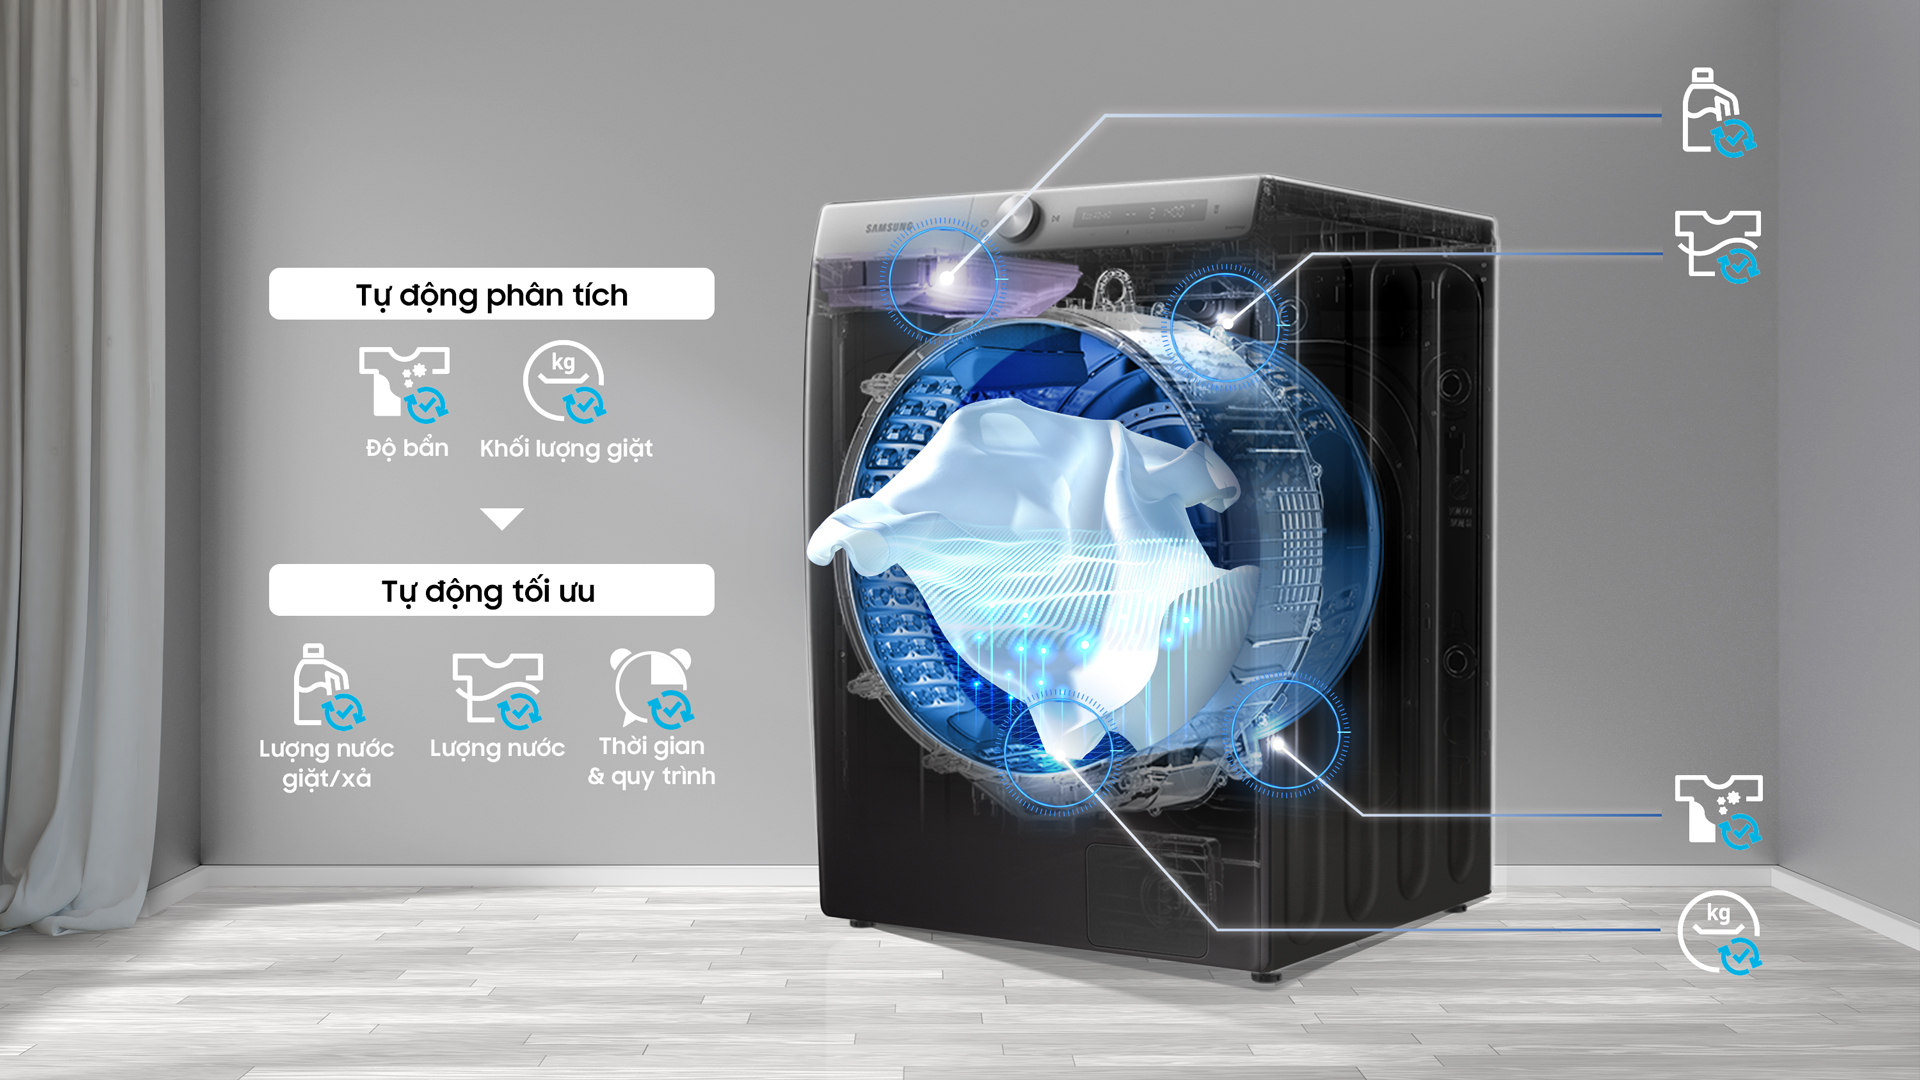 công nghệ Ai giúp máy giặt Samsung có thể tự động phẩm tích và tối ưu